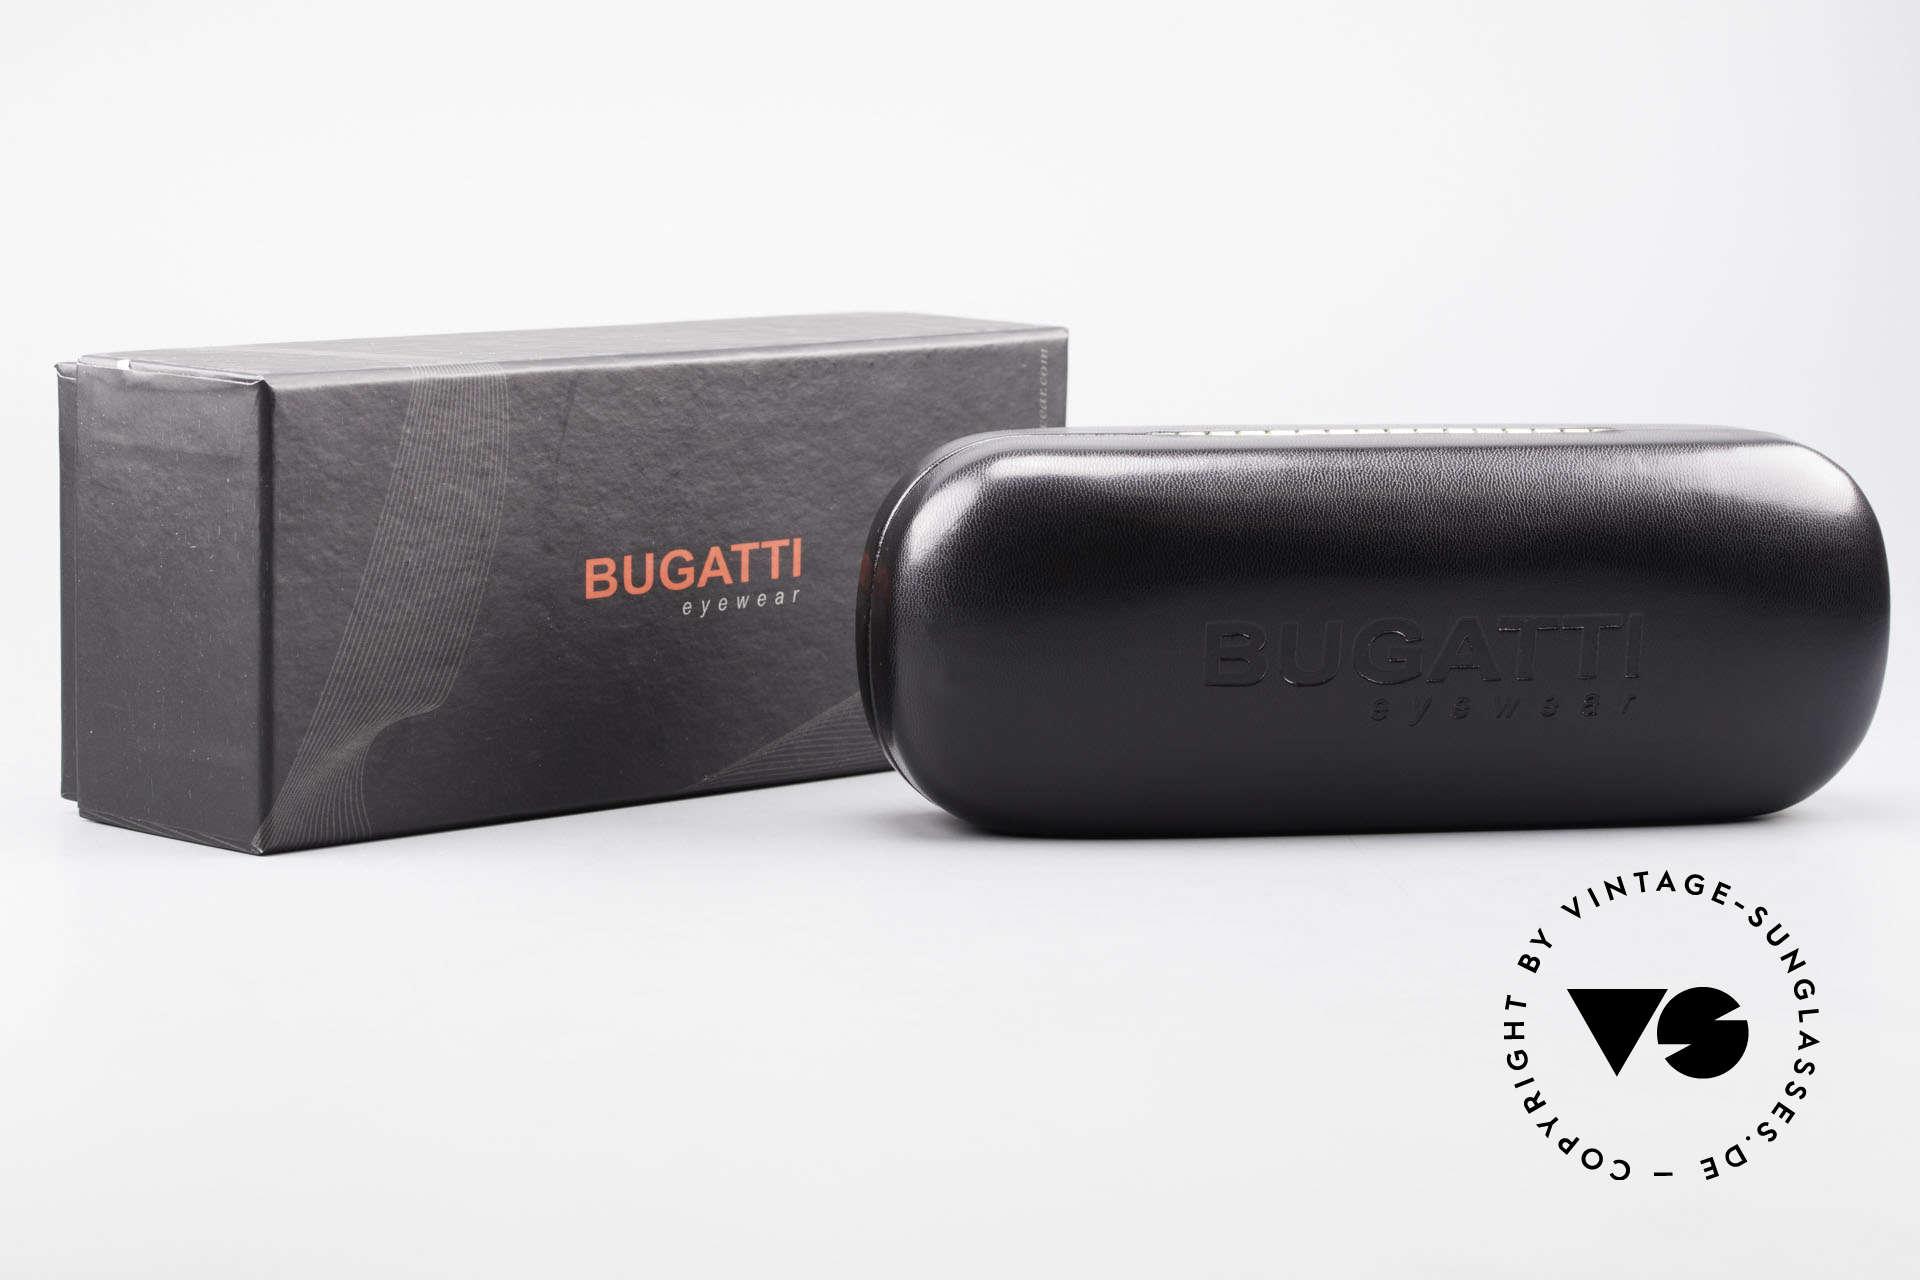 Bugatti 486 Eckige Designer Herrenbrille, Größe: medium, Passend für Herren